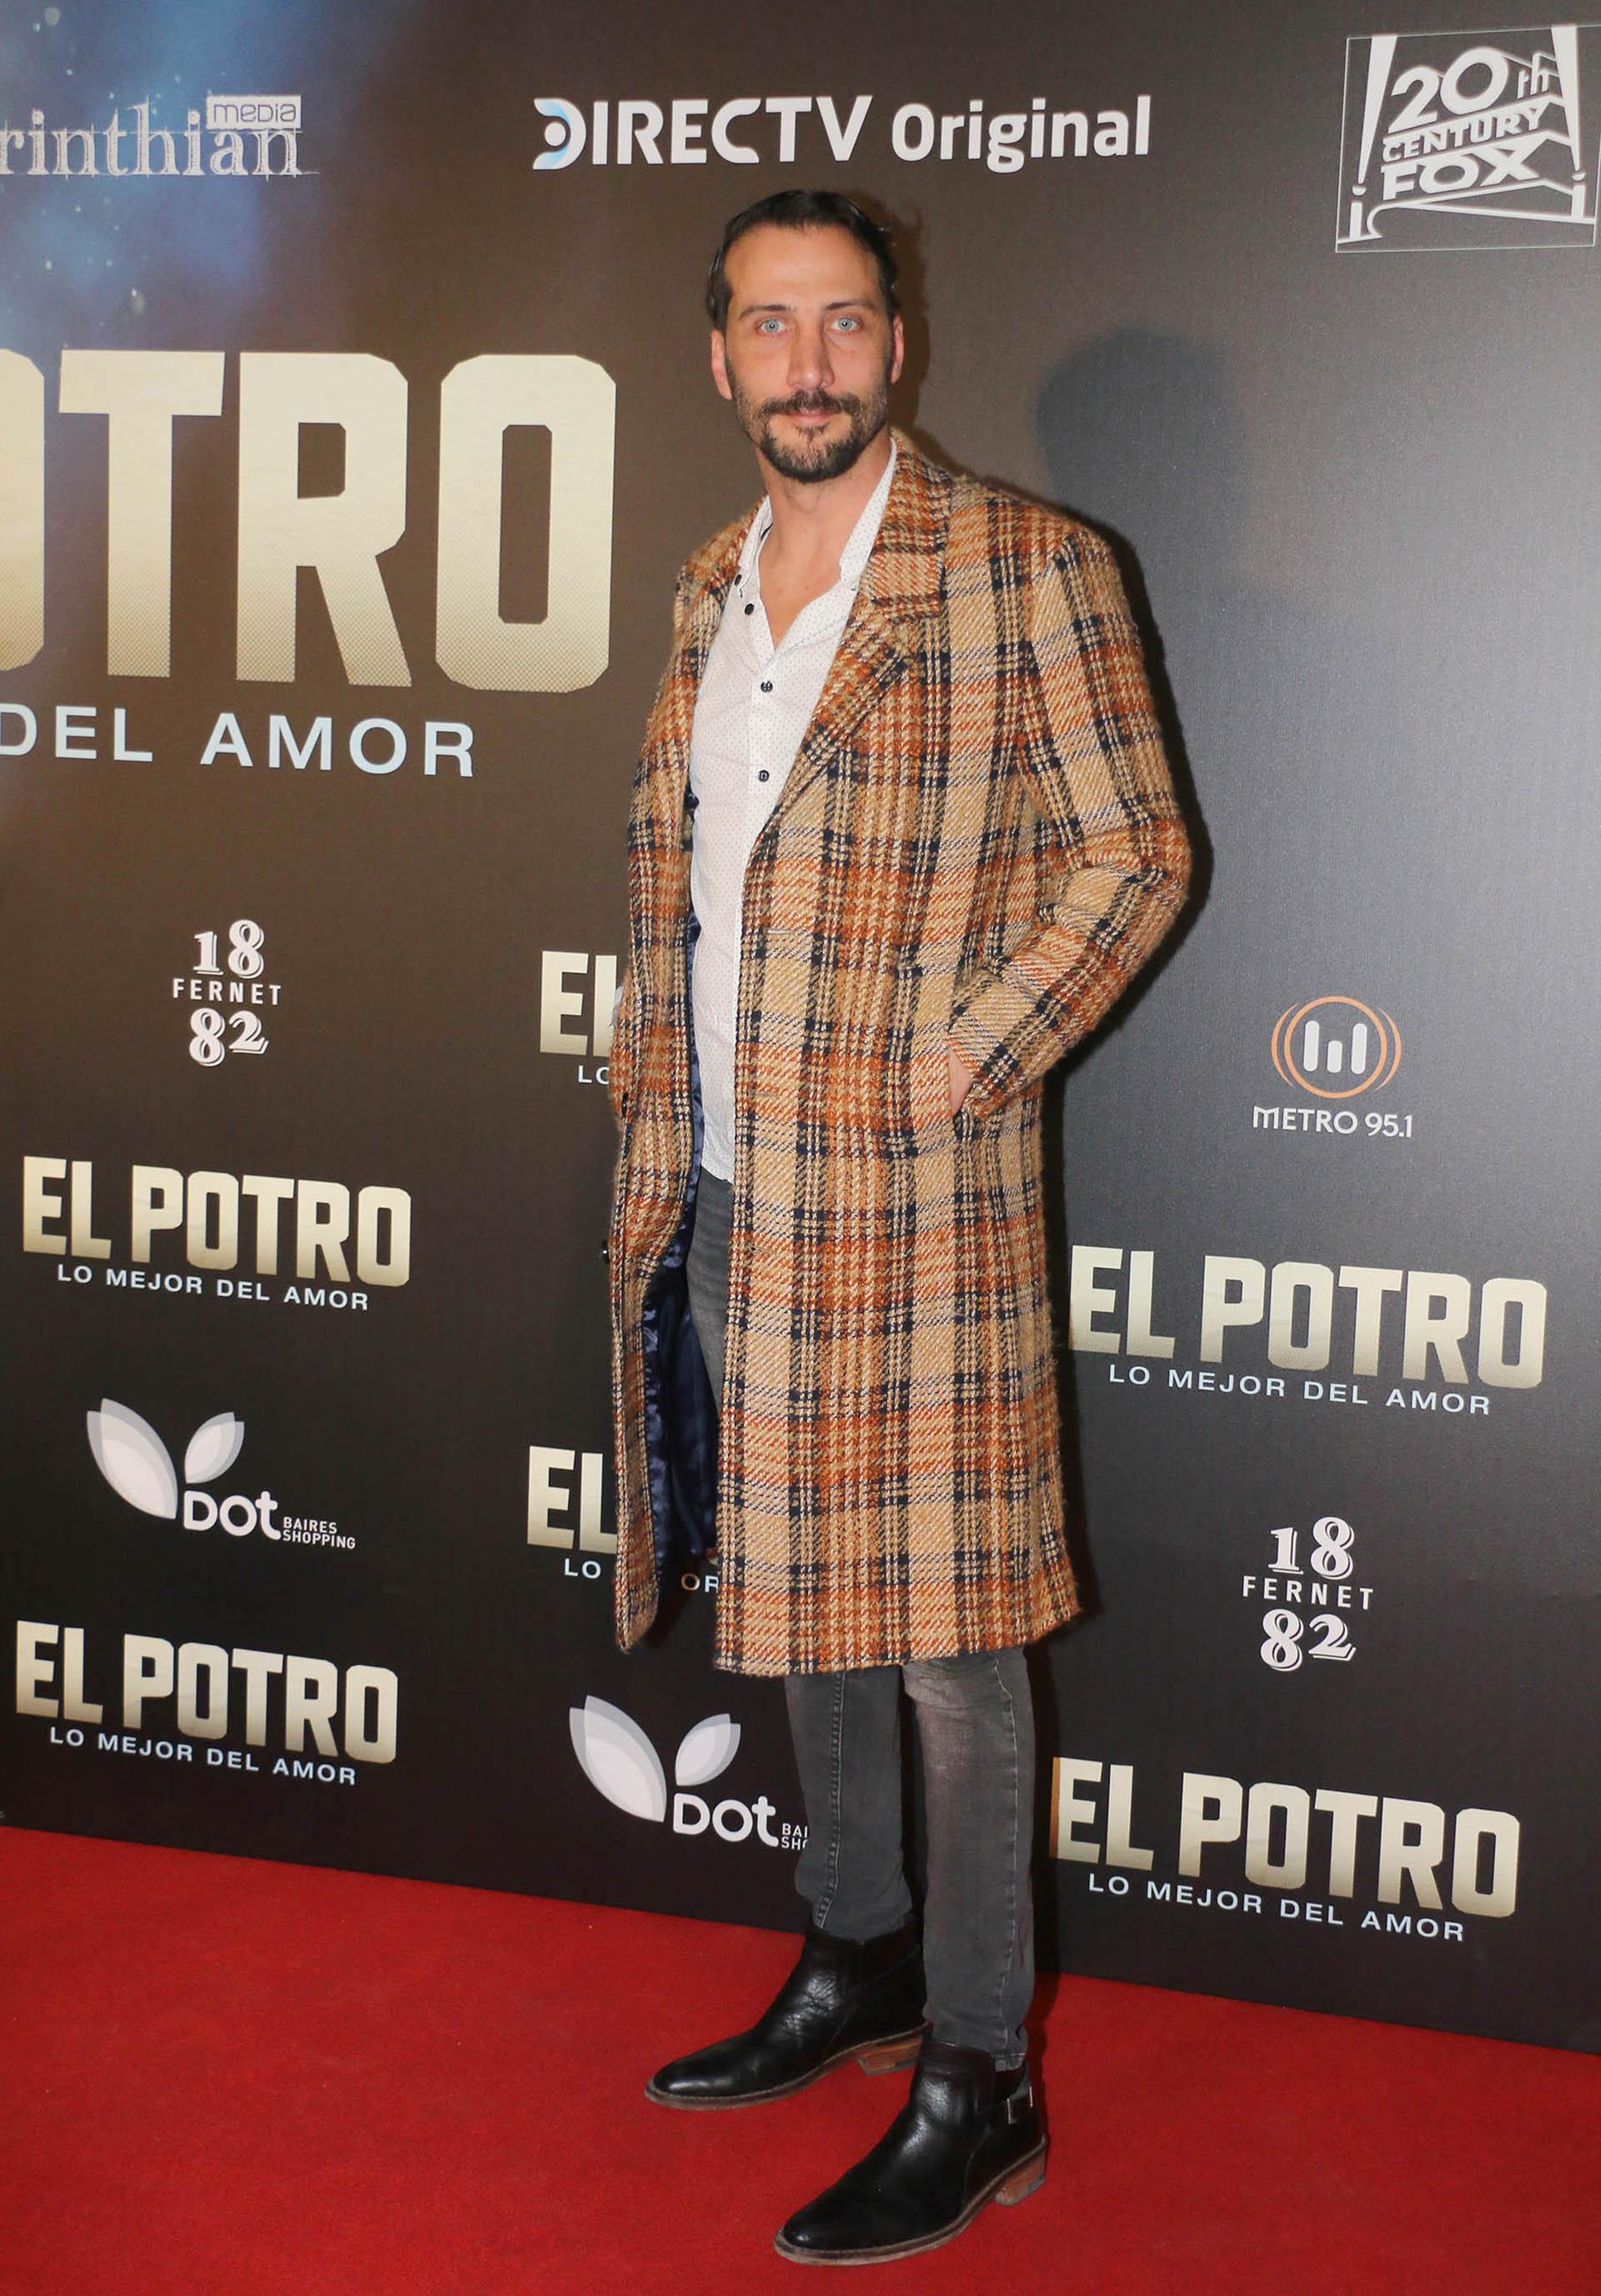 El sobretodo del actor Luciano Cáceres fue tema obligado en la charla de todos los invitados